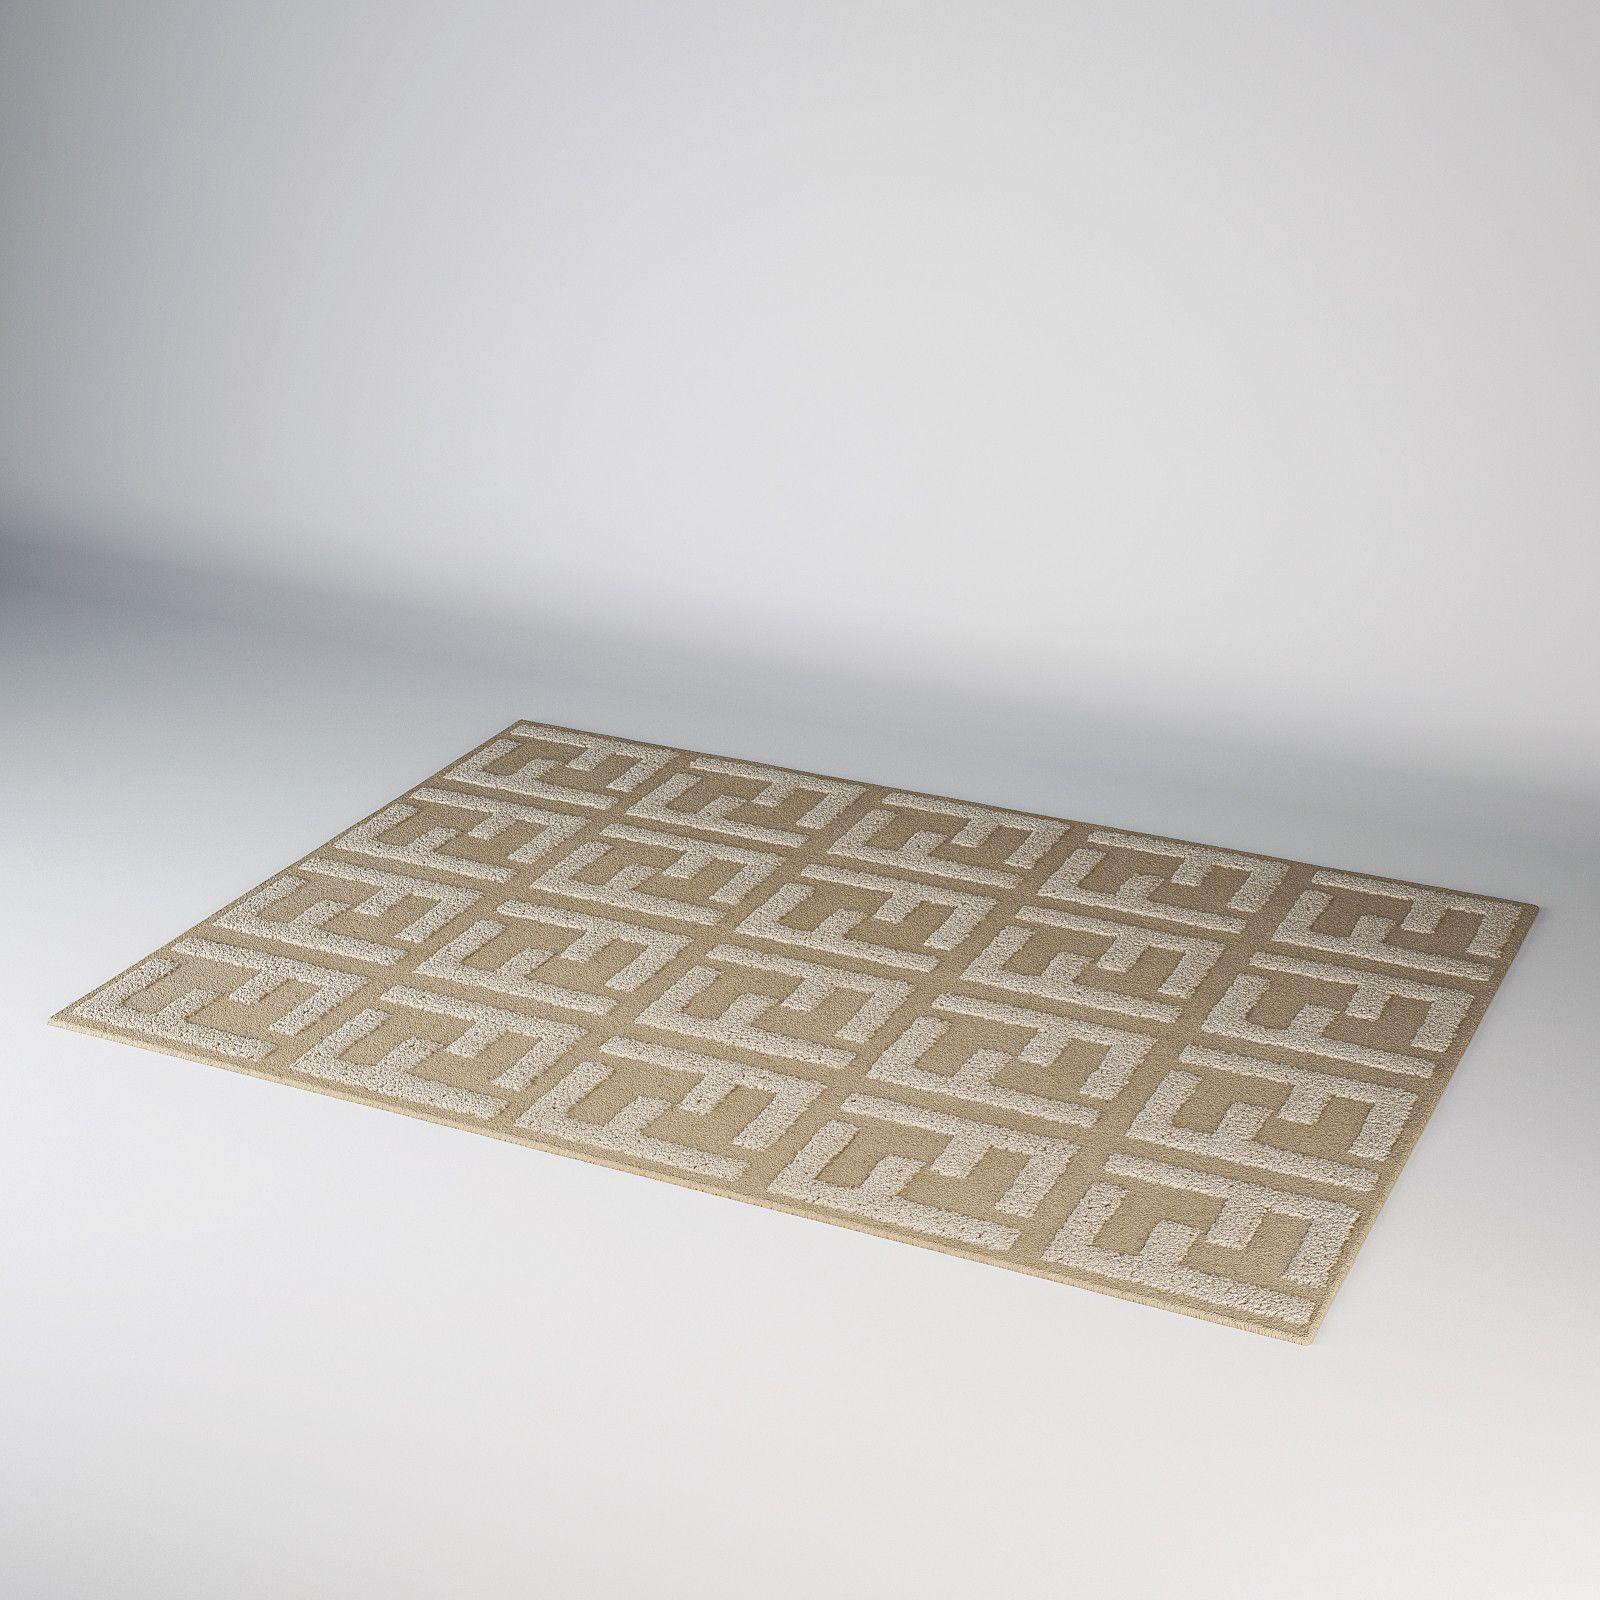 3d 3ds Fendi Carpet 3d Model Red Carpet Runner Fendi Carpet